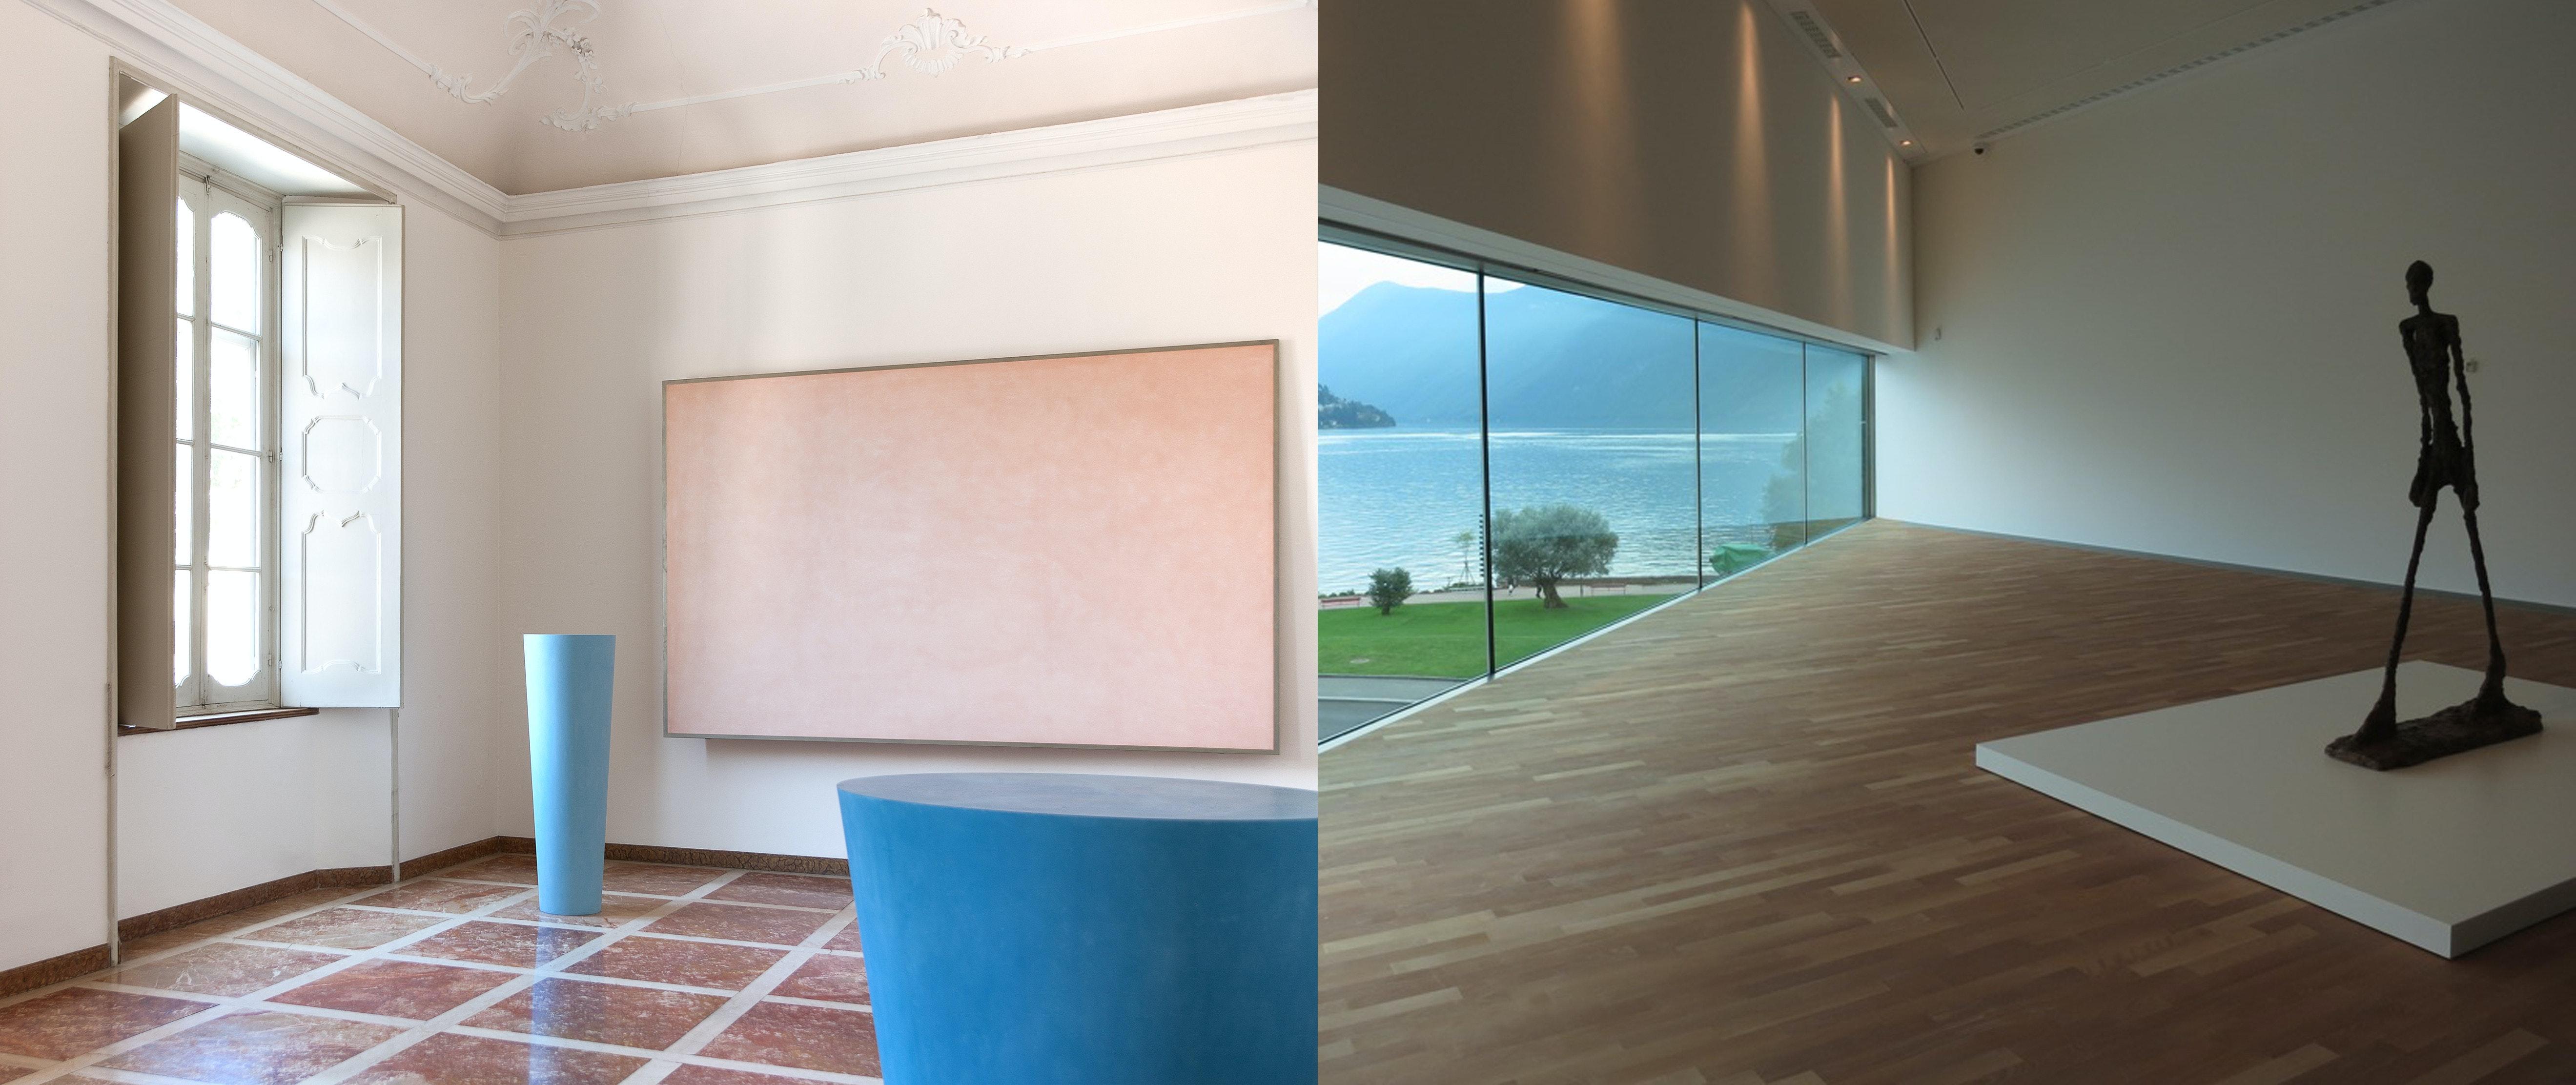 A sinistra la Sala Spalletti a Villa e Collezione Panza, Varese. A destra scultura di Alberto Giacometti al LAC di Lugano.